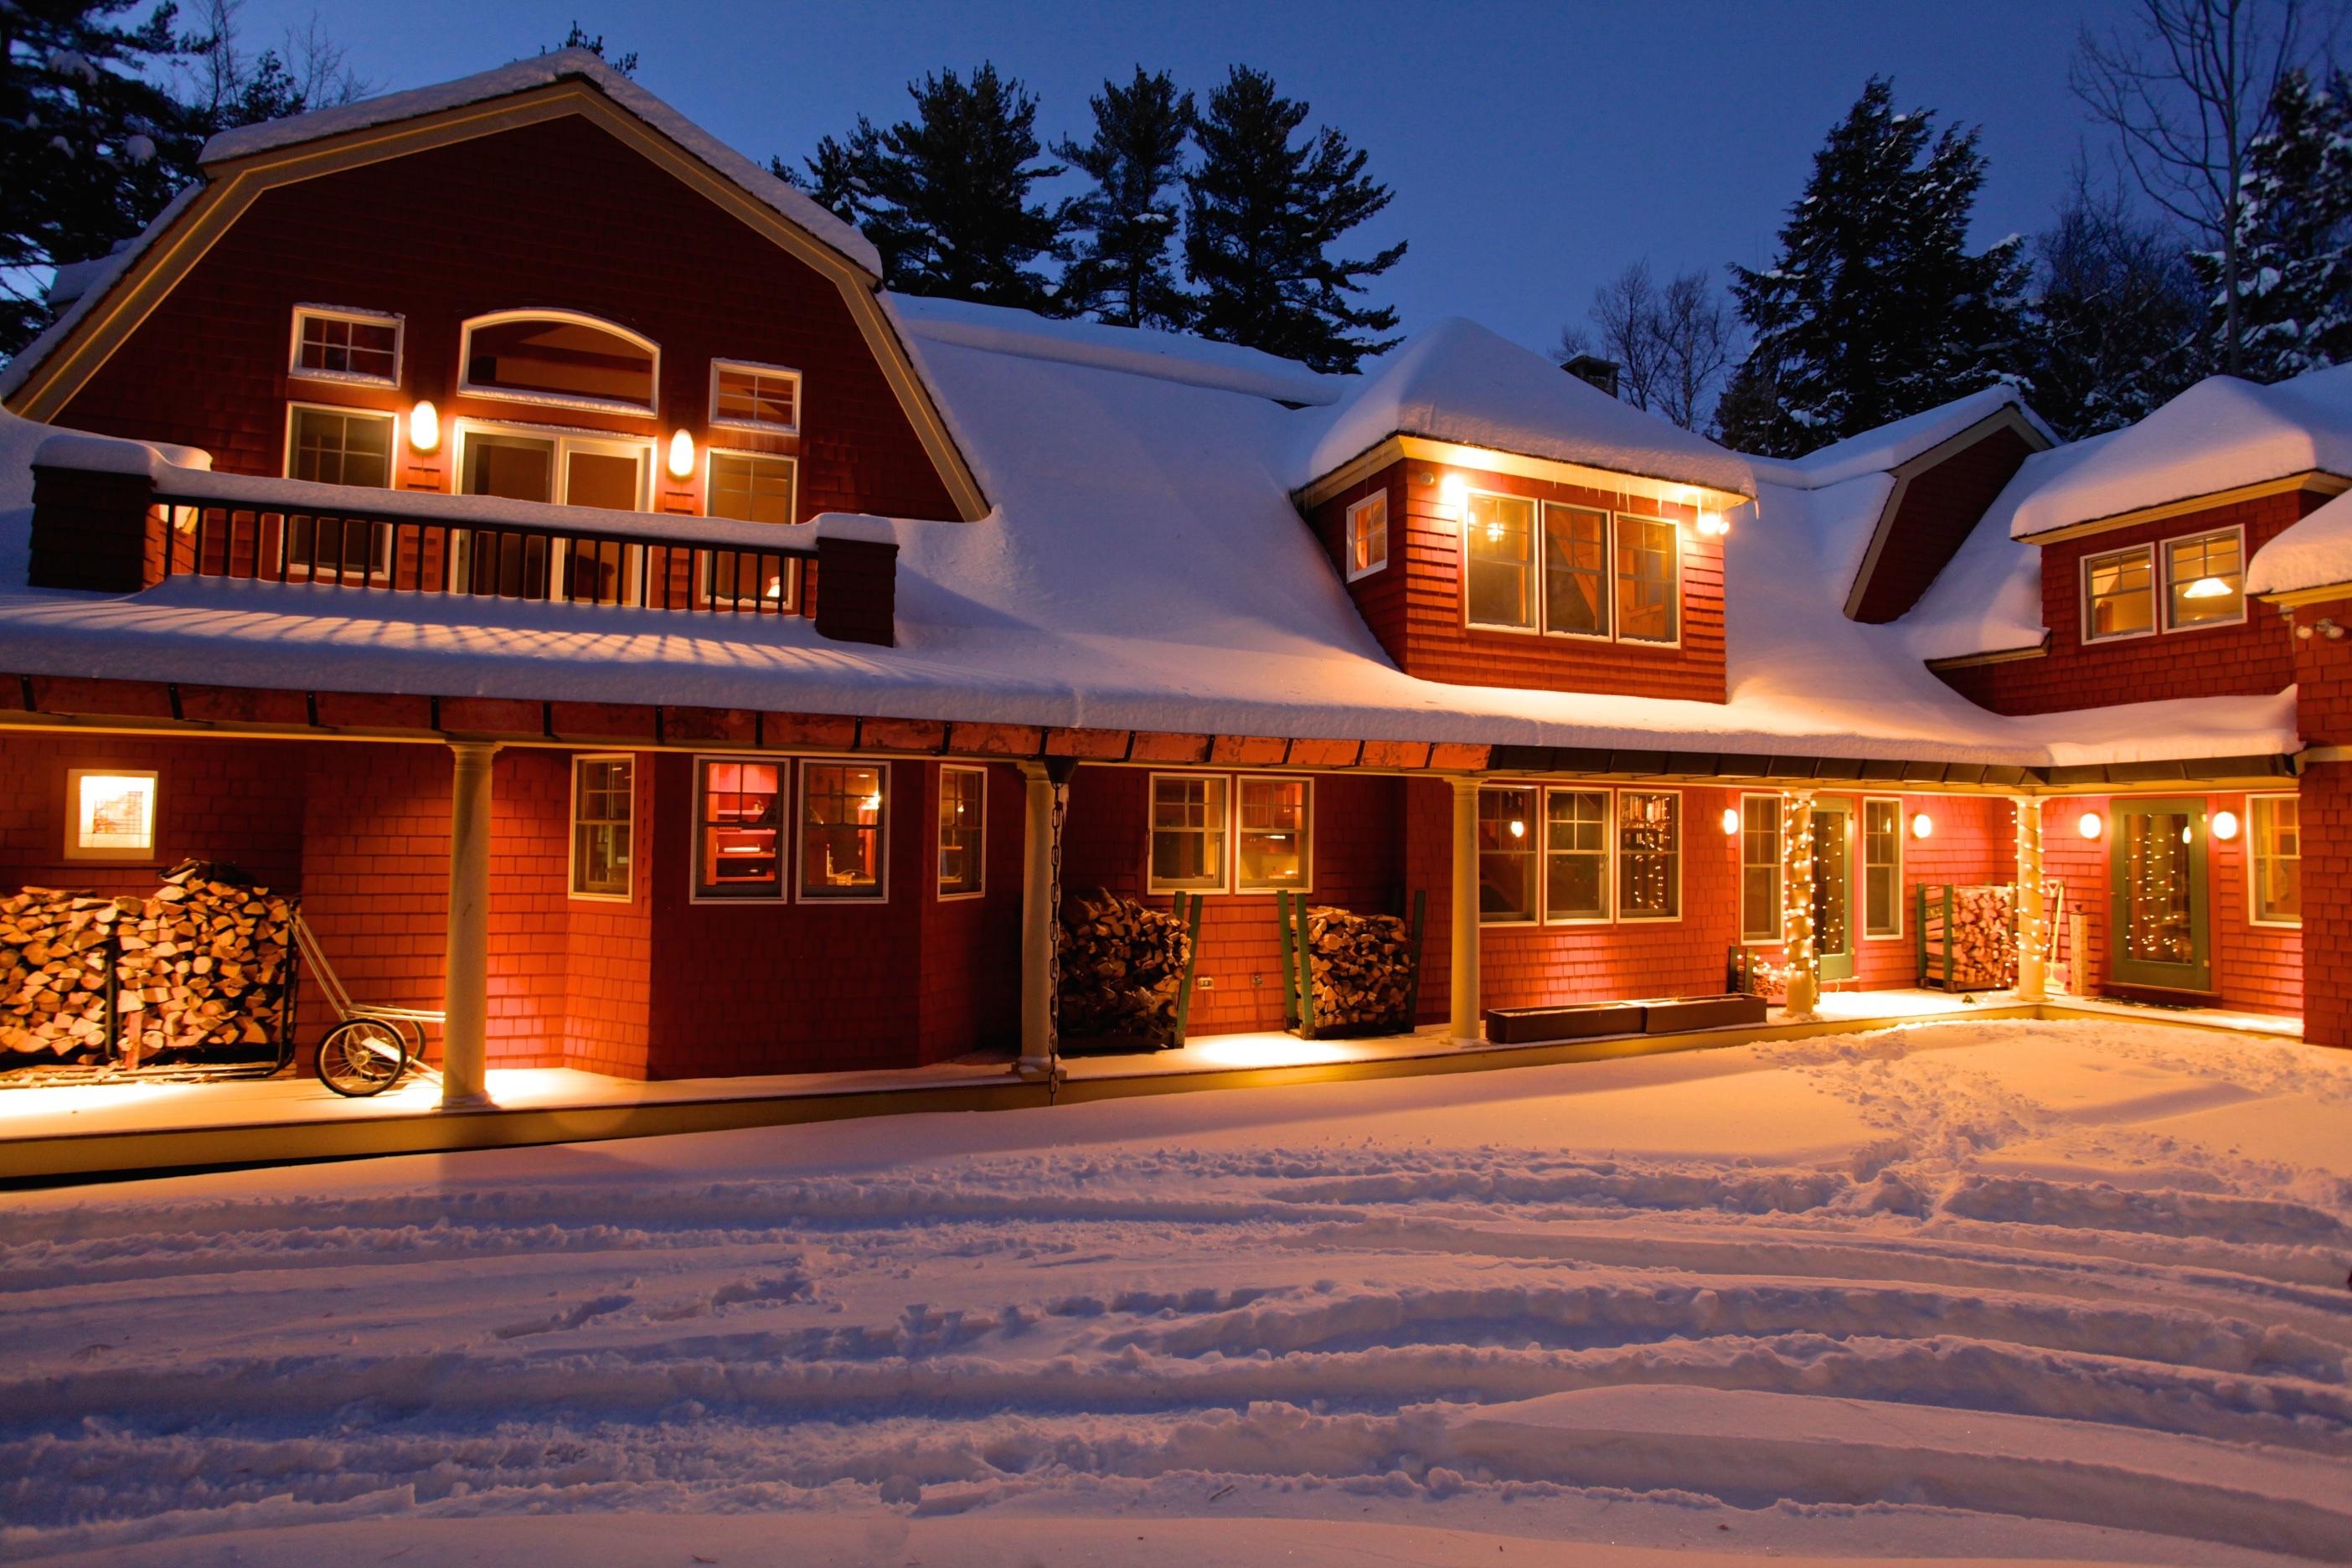 Maison unifamiliale pour l Vente à 206 Bowles Road, Newbury 206 Bowles Rd Newbury, New Hampshire 03255 États-Unis